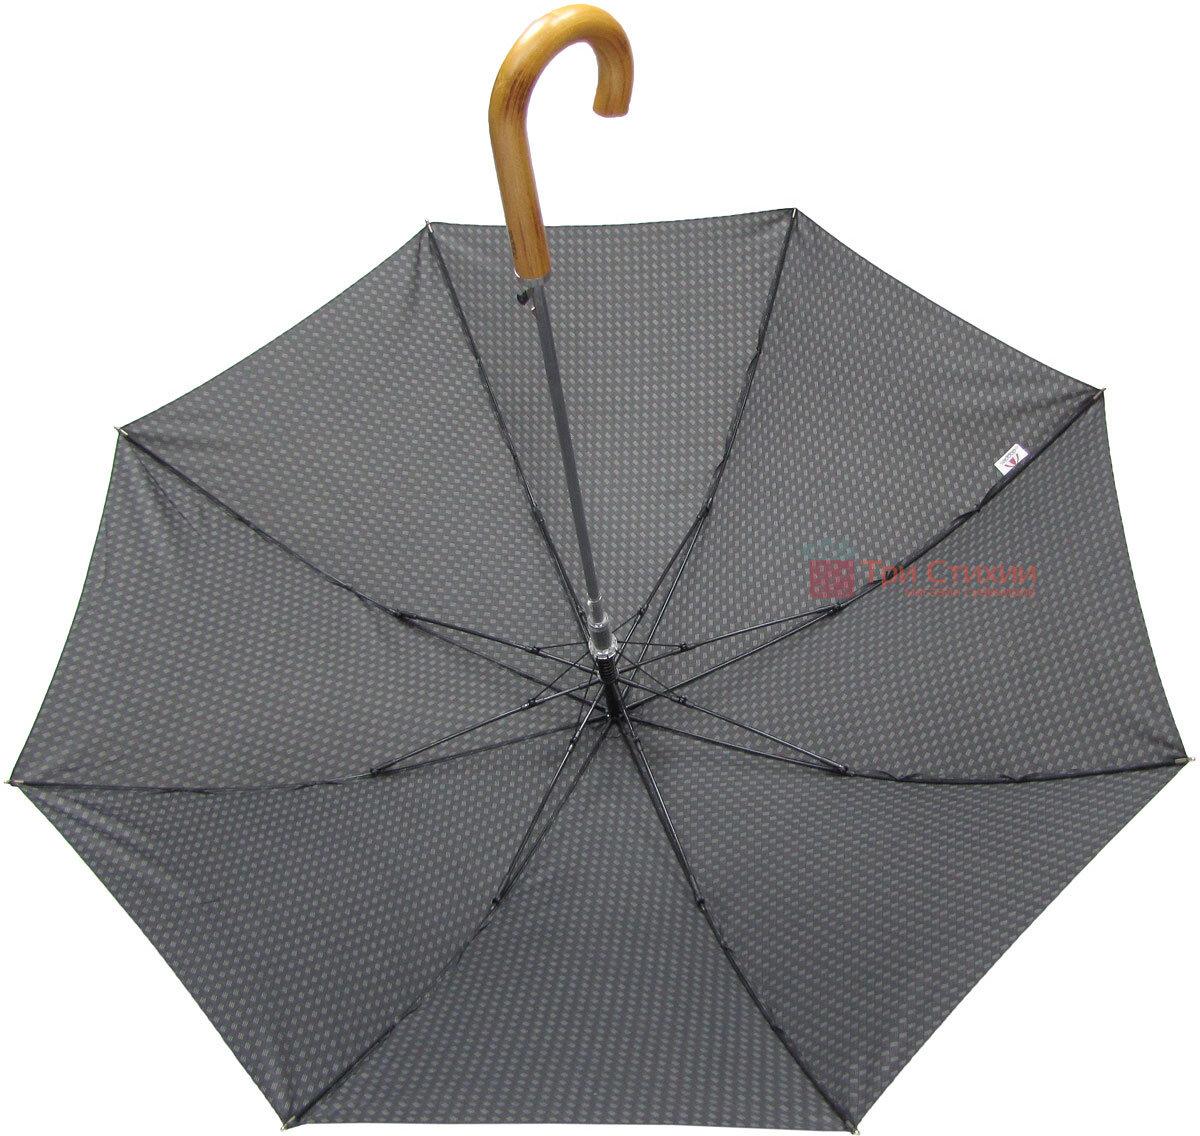 Зонт-трость Doppler 740167-5 полуавтомат Паркет, фото 4